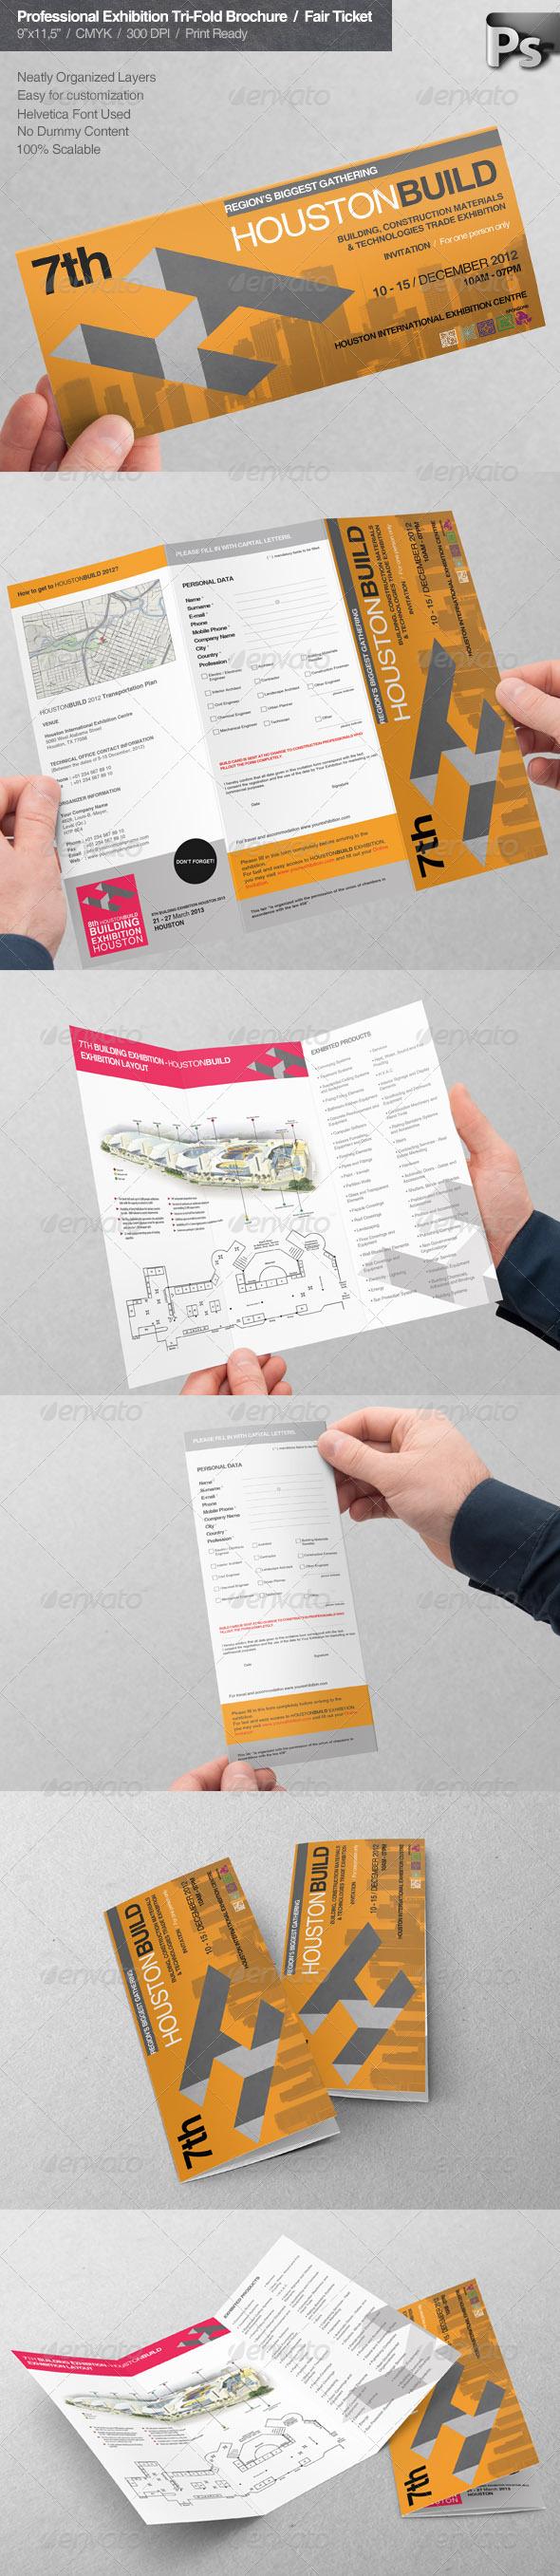 GraphicRiver Professional Exhibition Tri-Fold Brochure Ticket 3353475